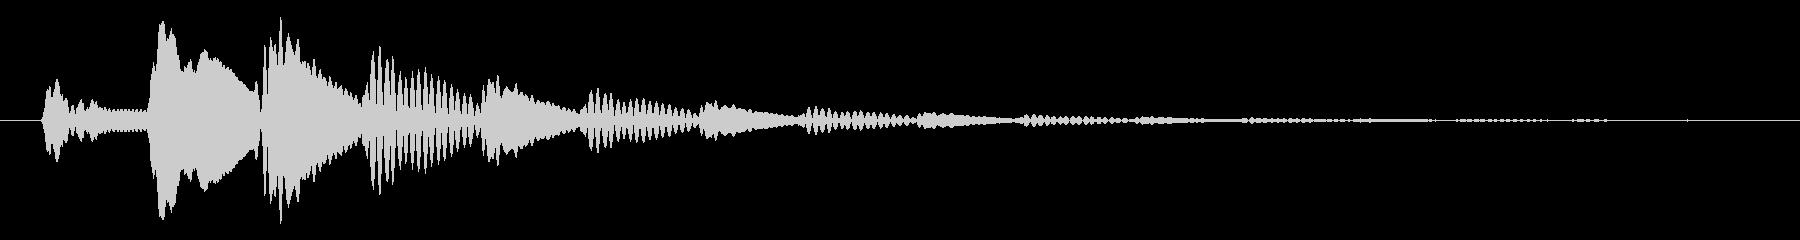 ポップアップ_決定音系_03の未再生の波形